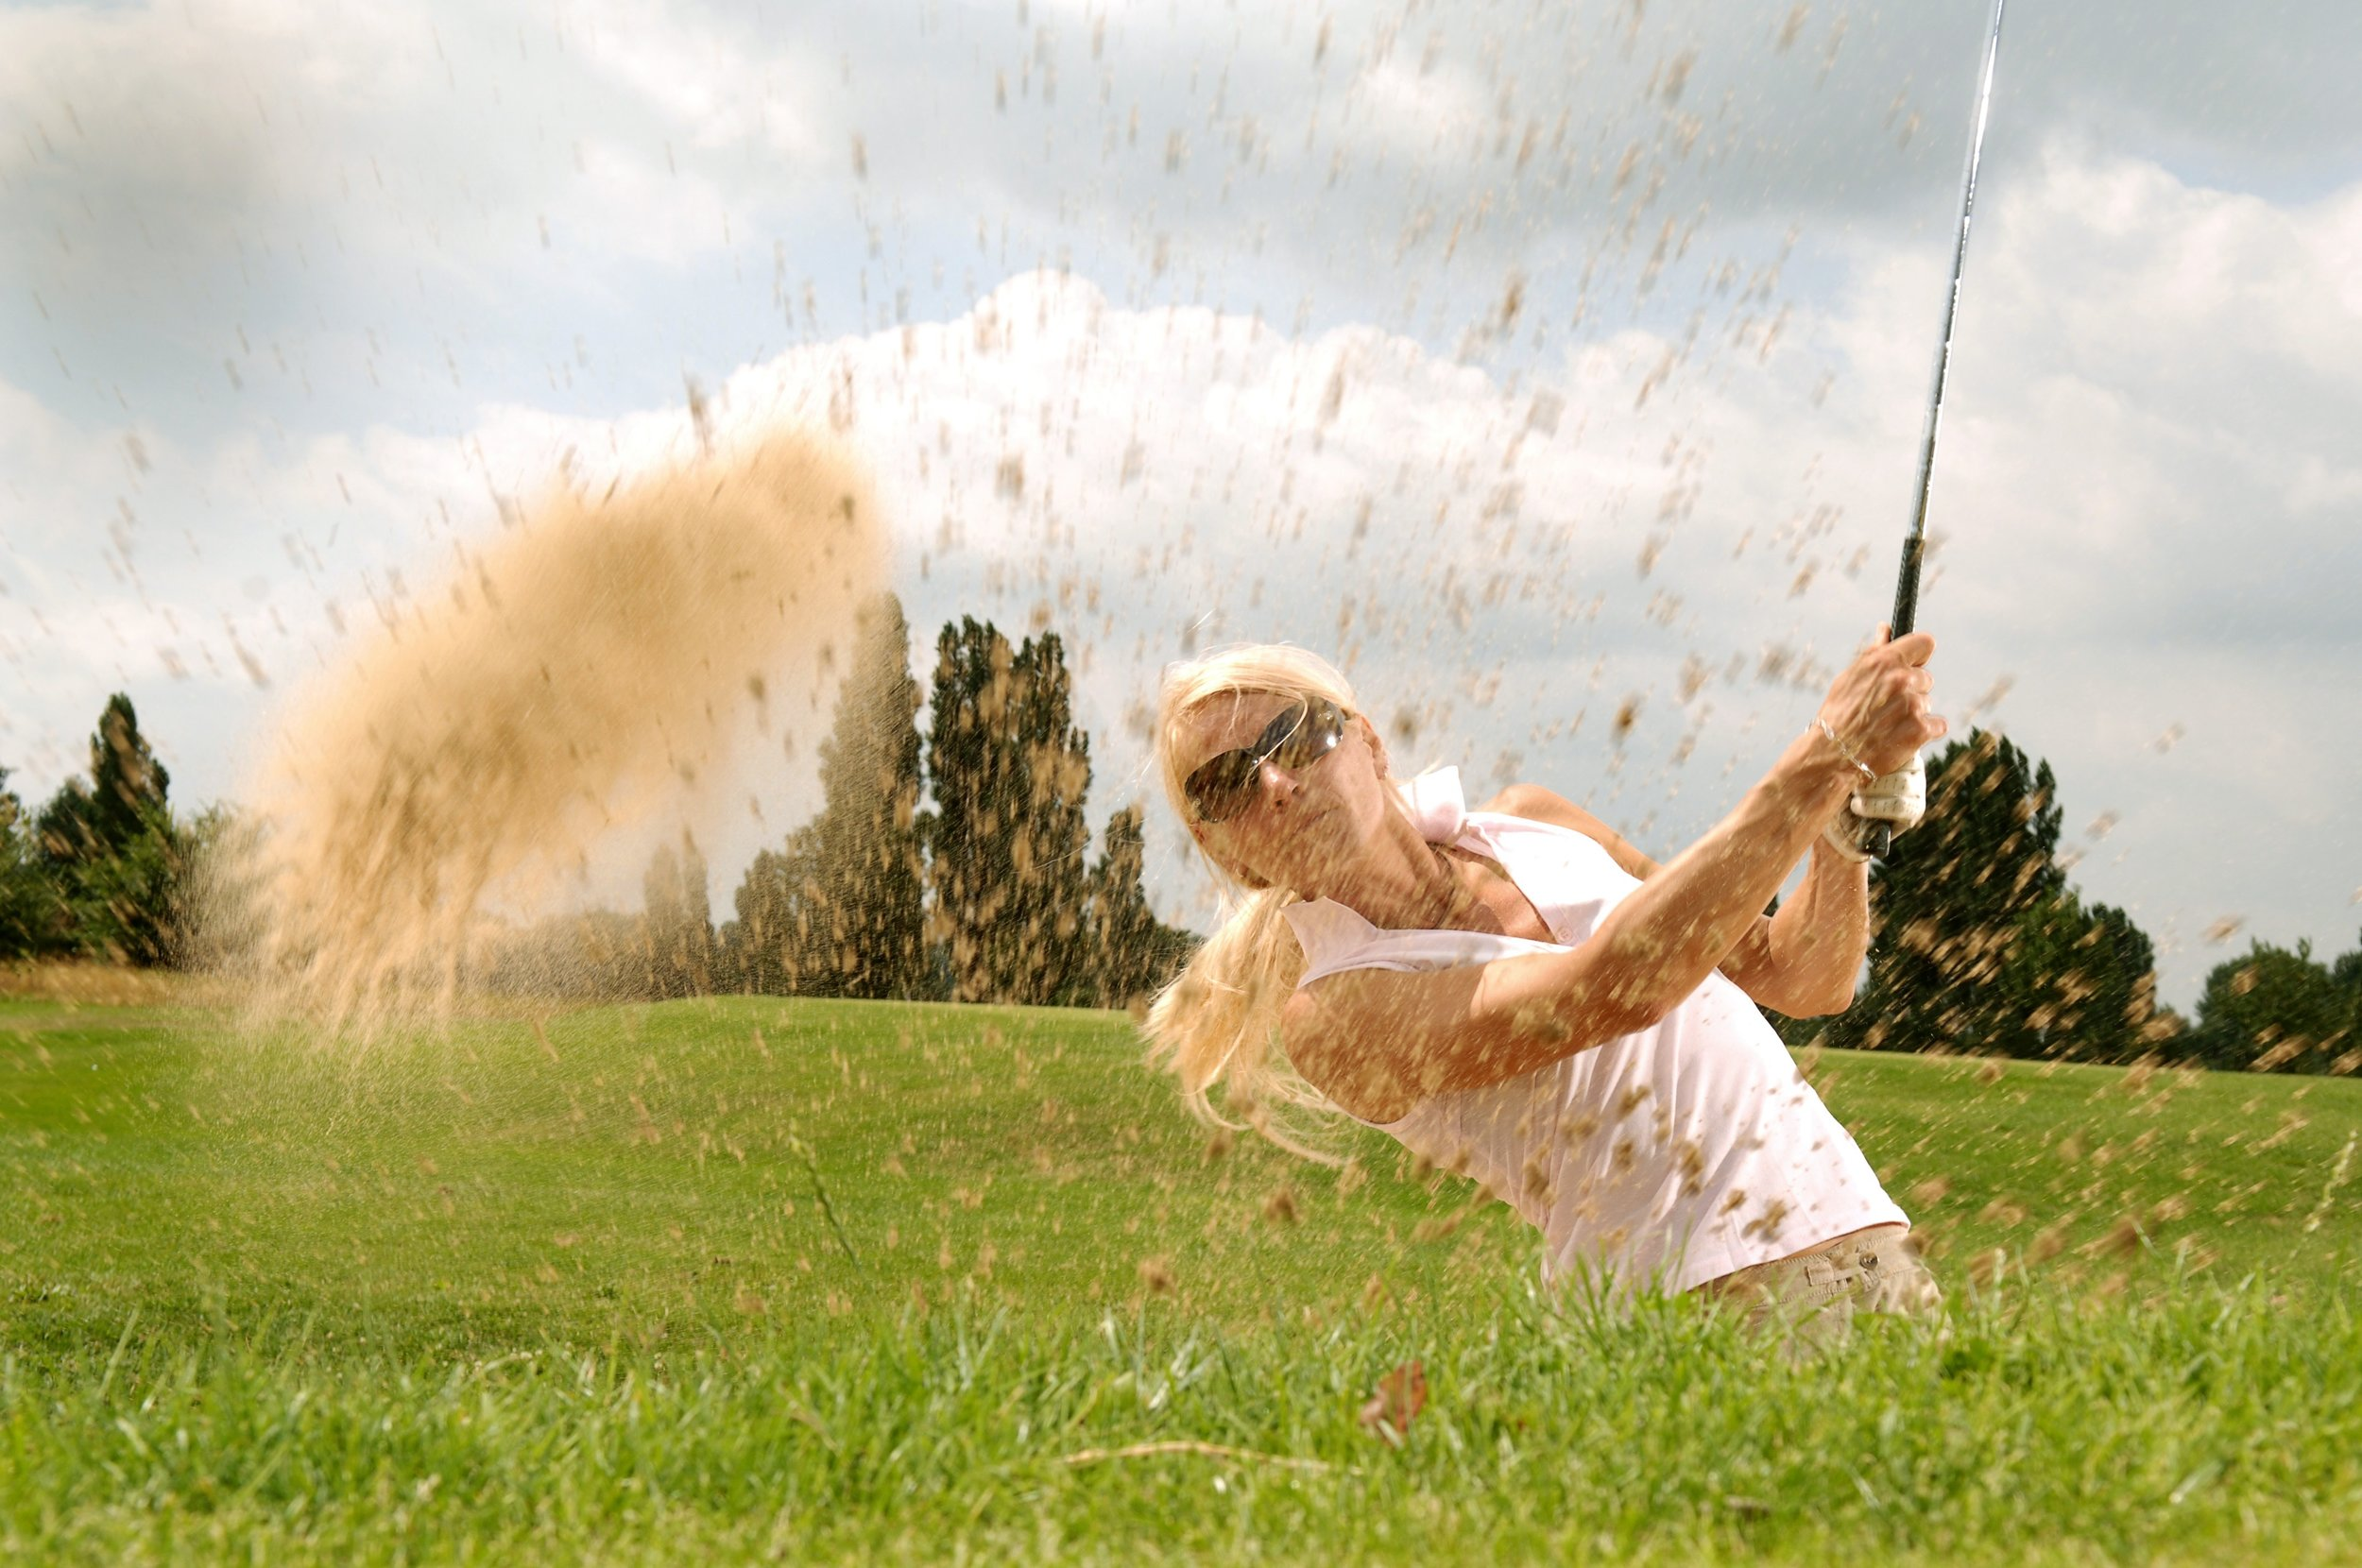 game-golf-golf-club-71310.jpg